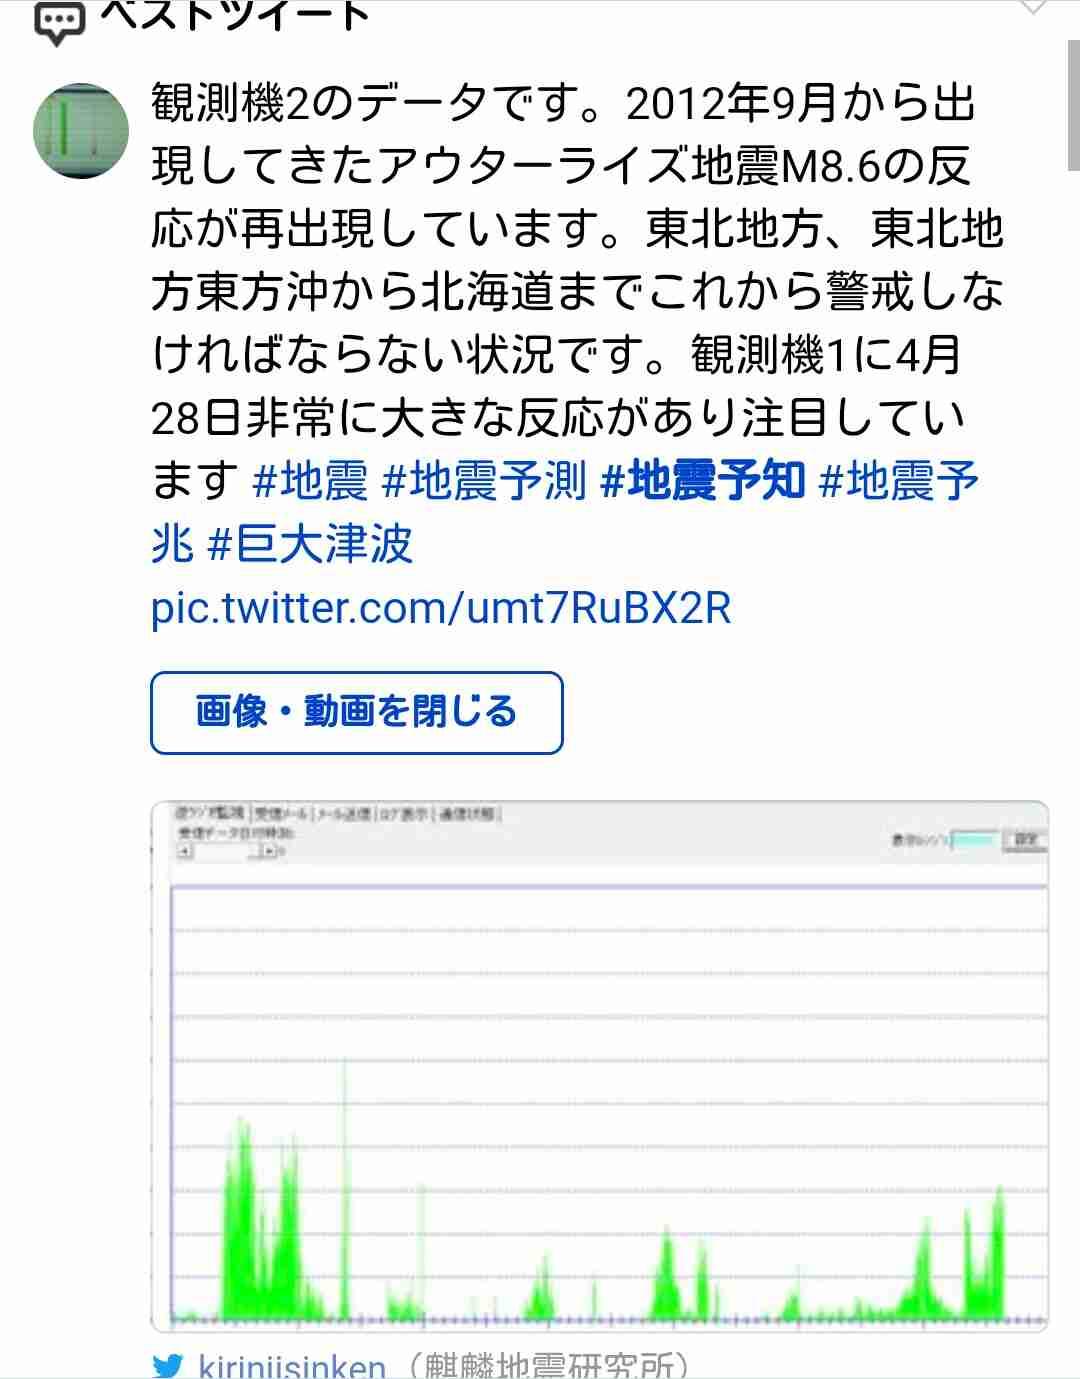 東海地震、西側7県は救援出せず…トラフ警戒